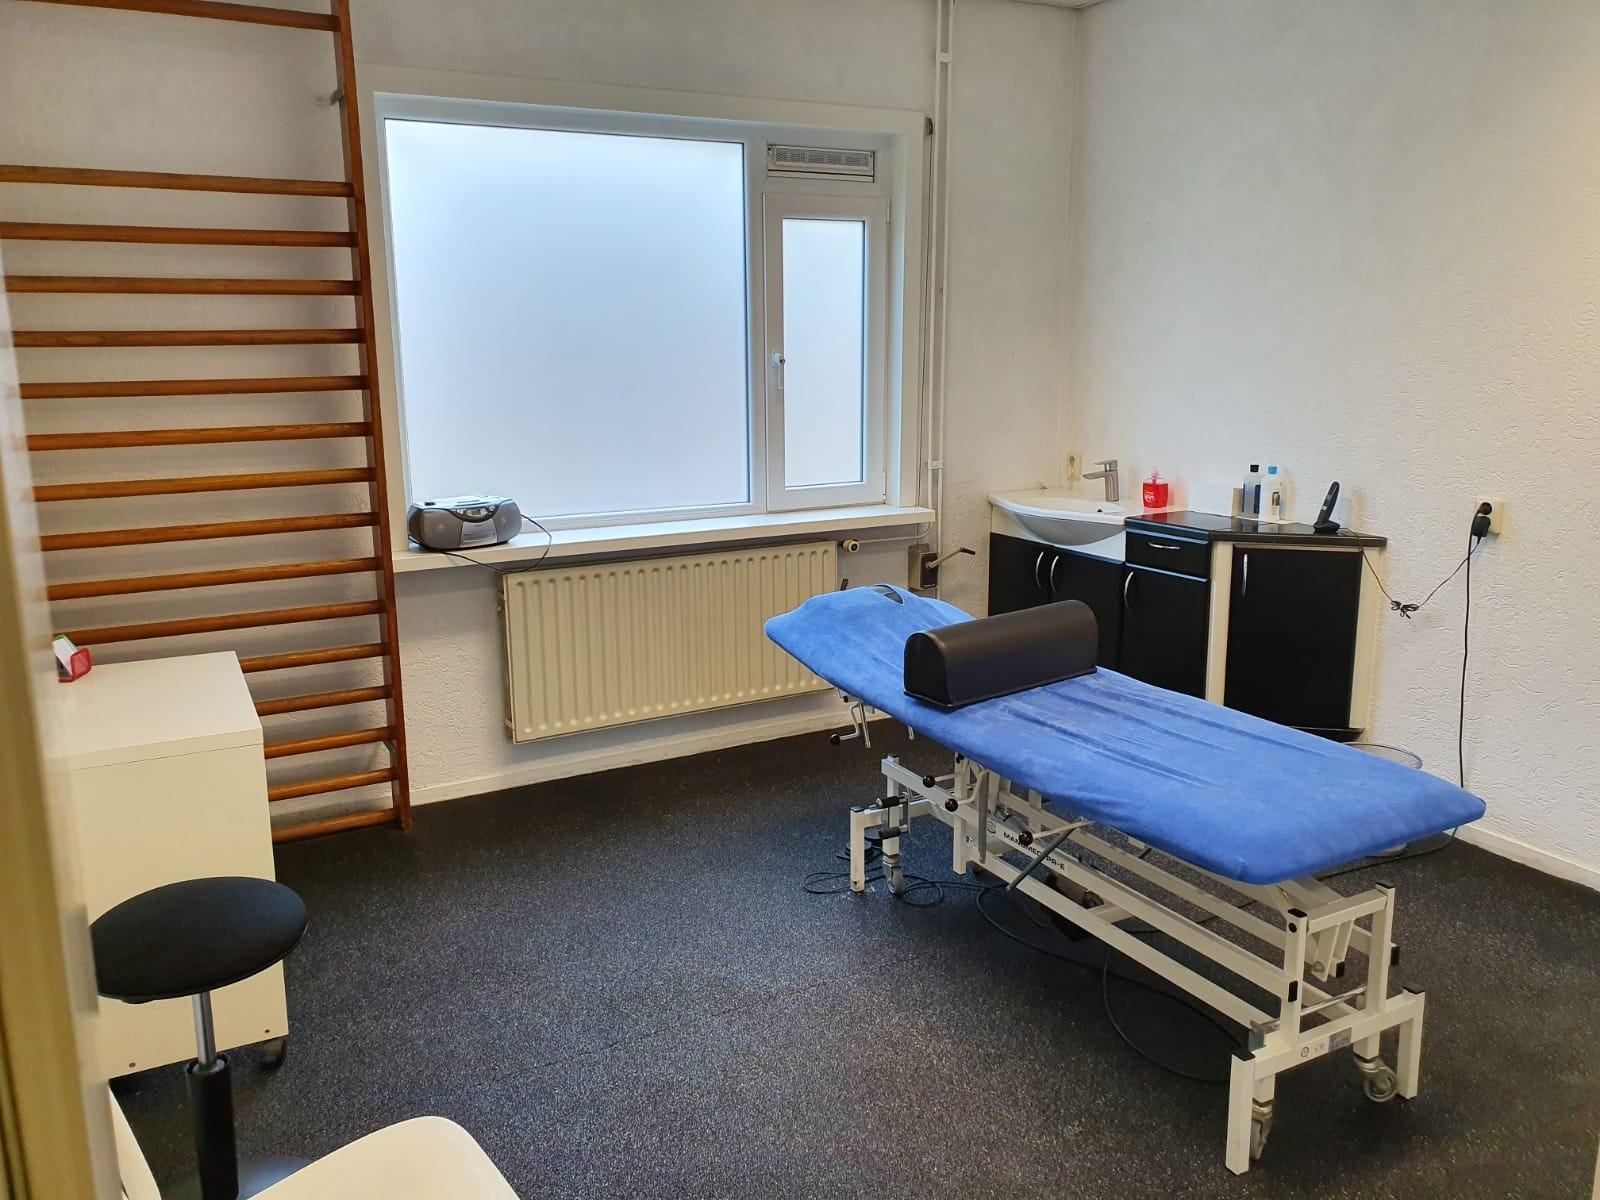 Behandelkamer 2 Sheerenhoek - Fysio de Bevelanden